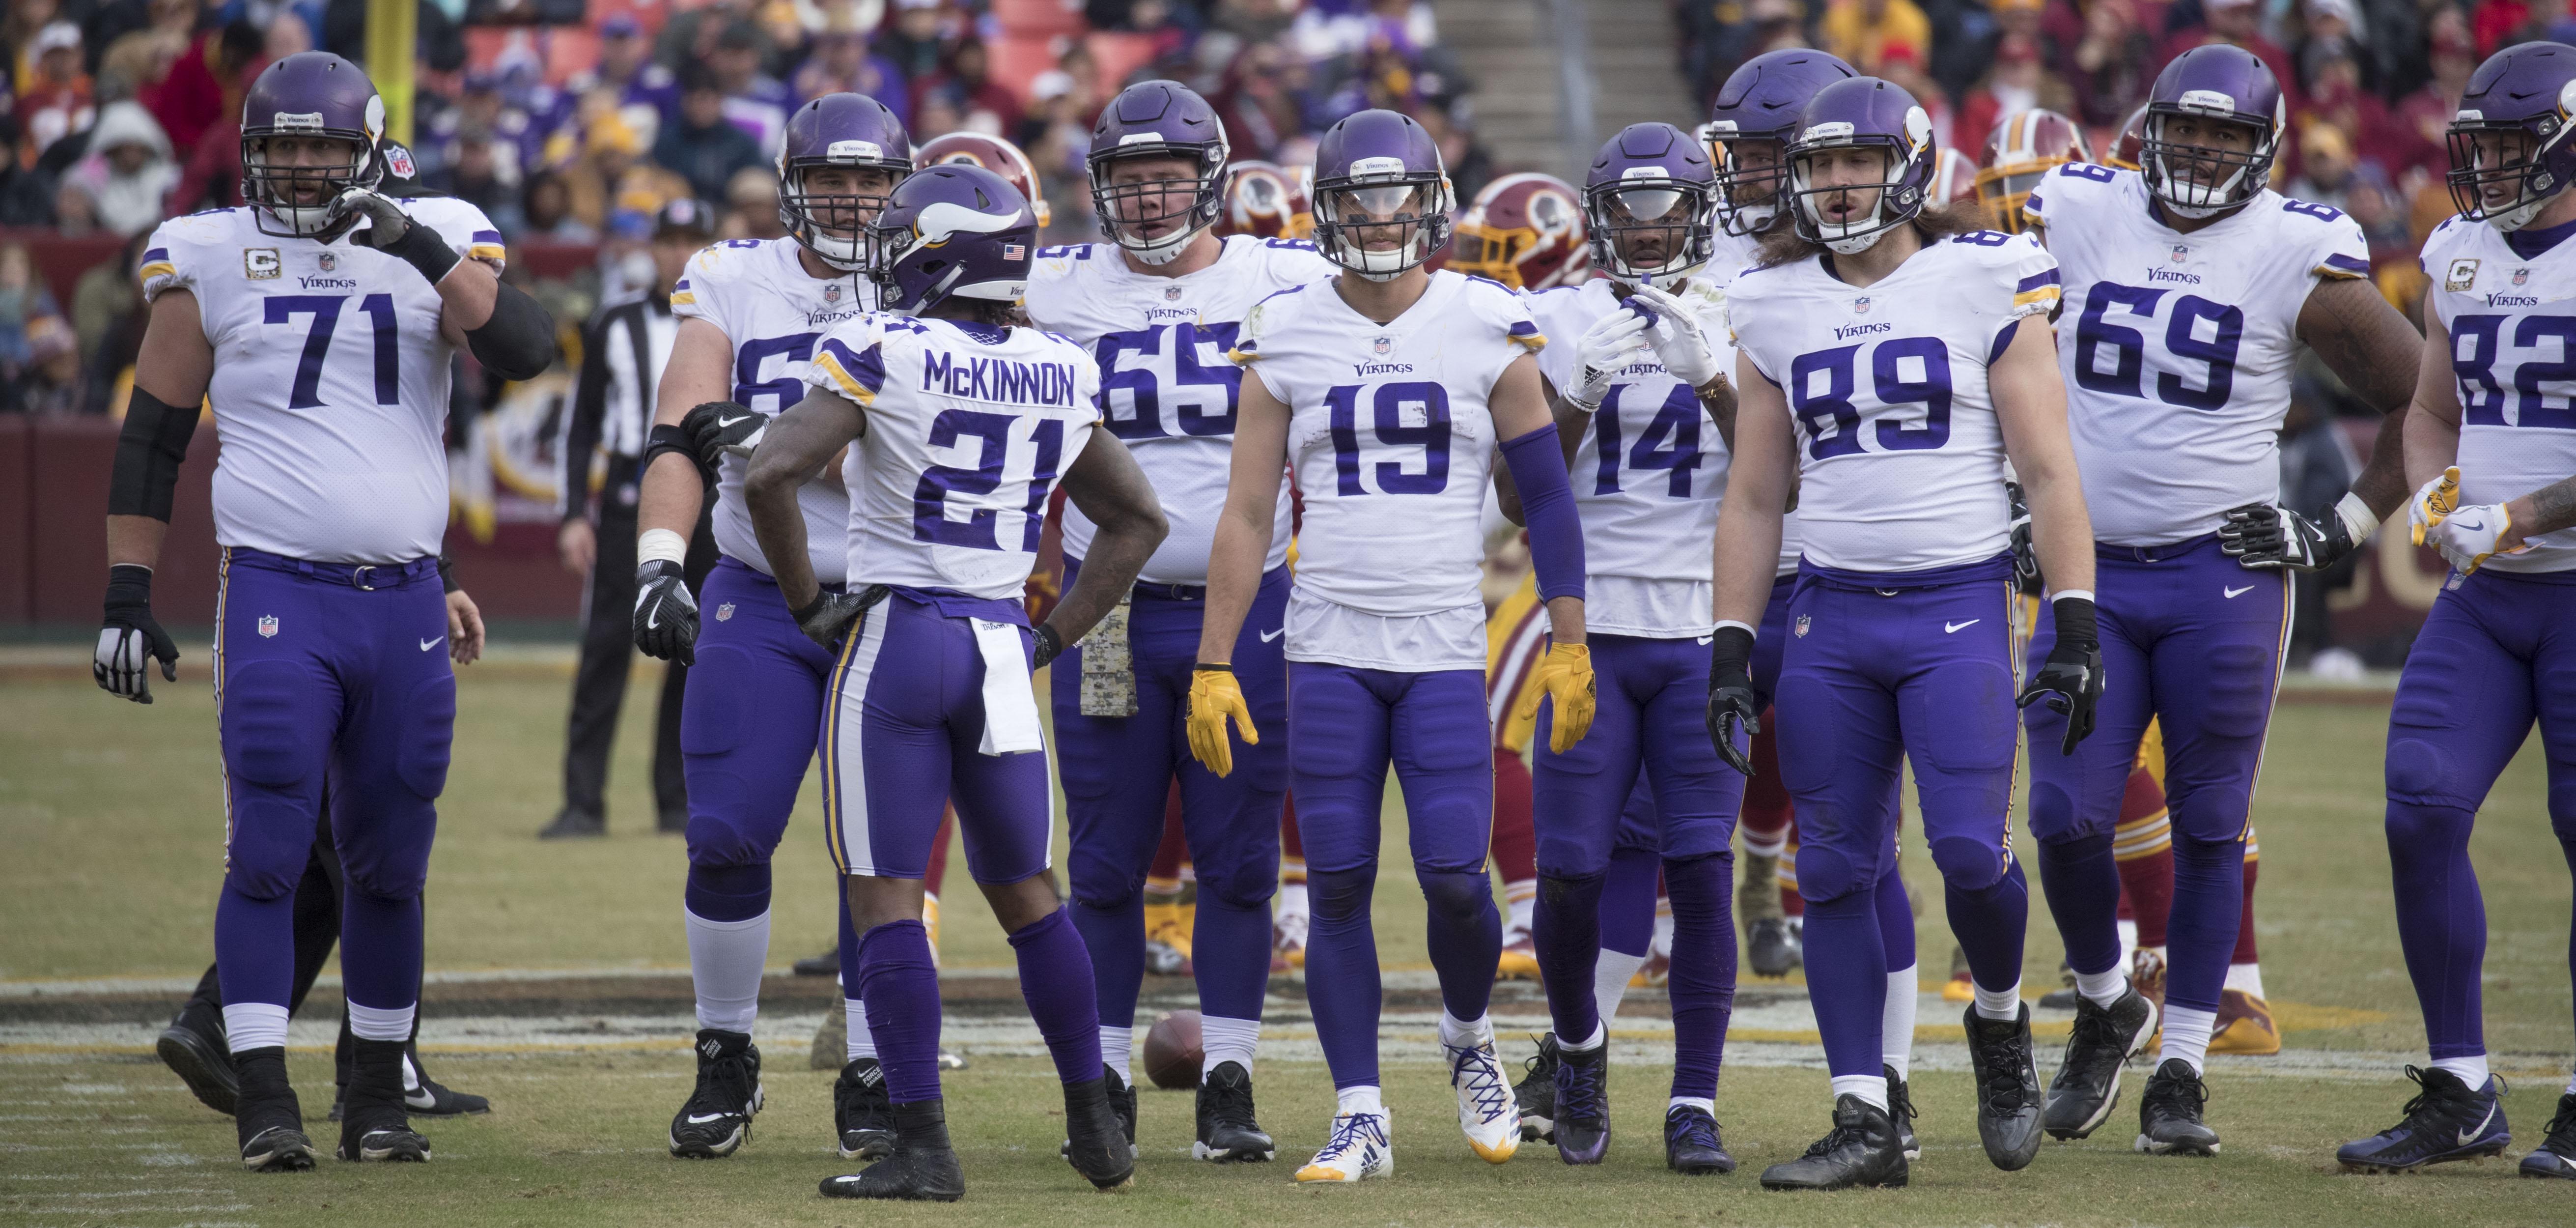 Pronostici NFL 3 novembre, tante gare, spicca Chiefs contro Vikings